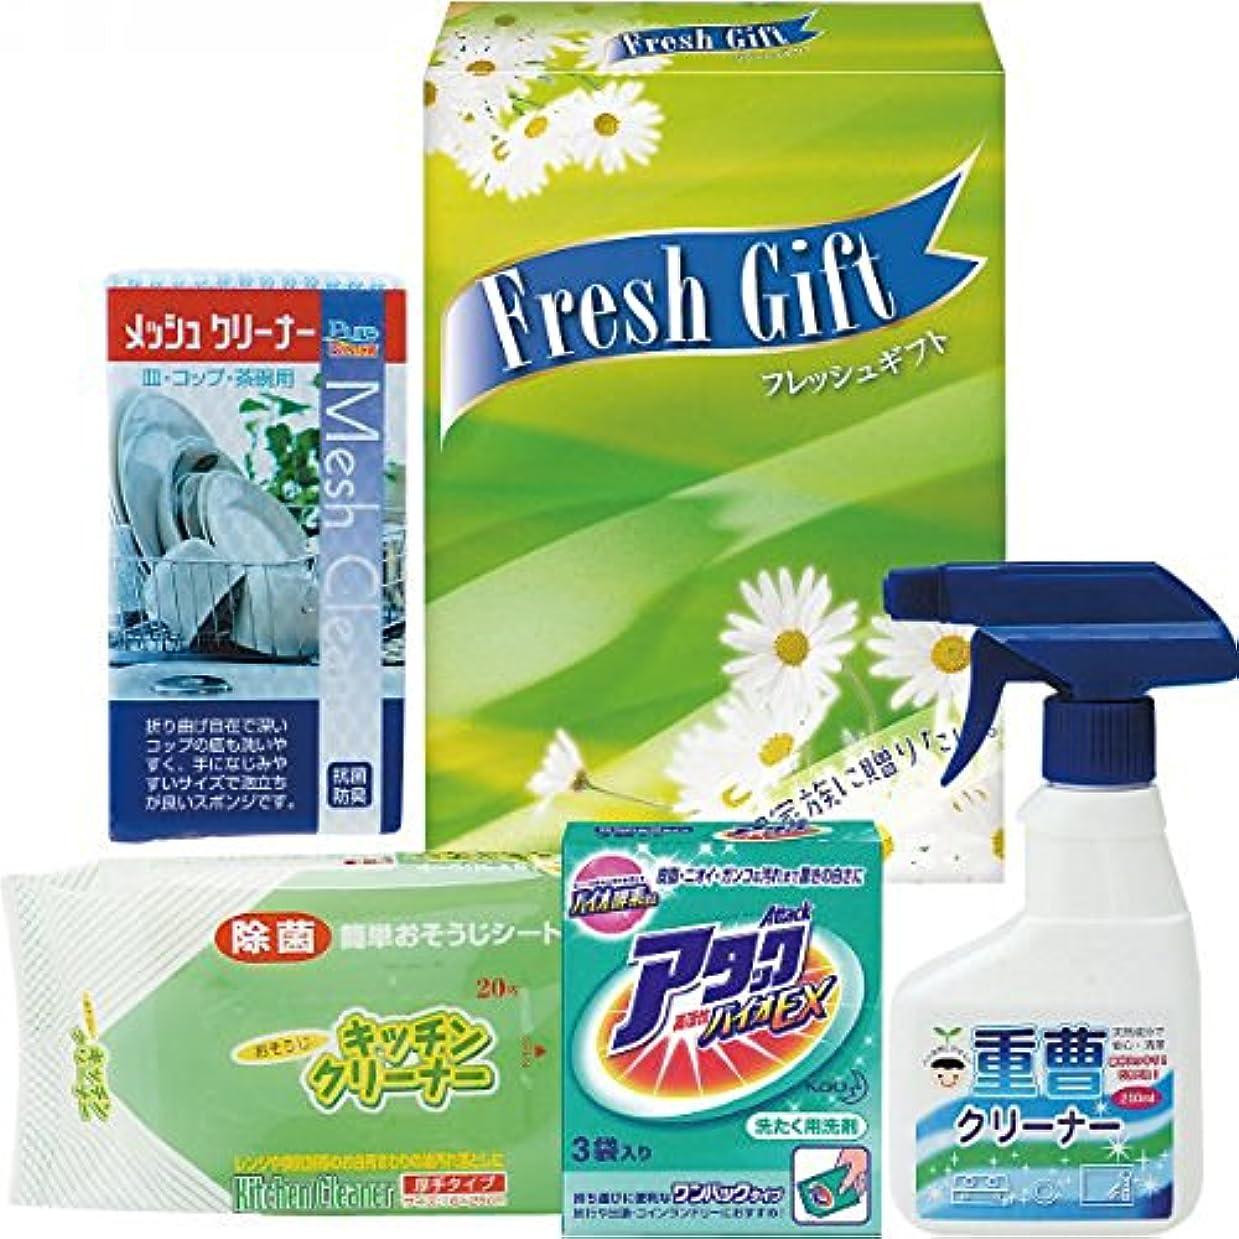 ニックネームワット晴れnobrand アタック&フレッシュボックス 石鹸 (G-10R)